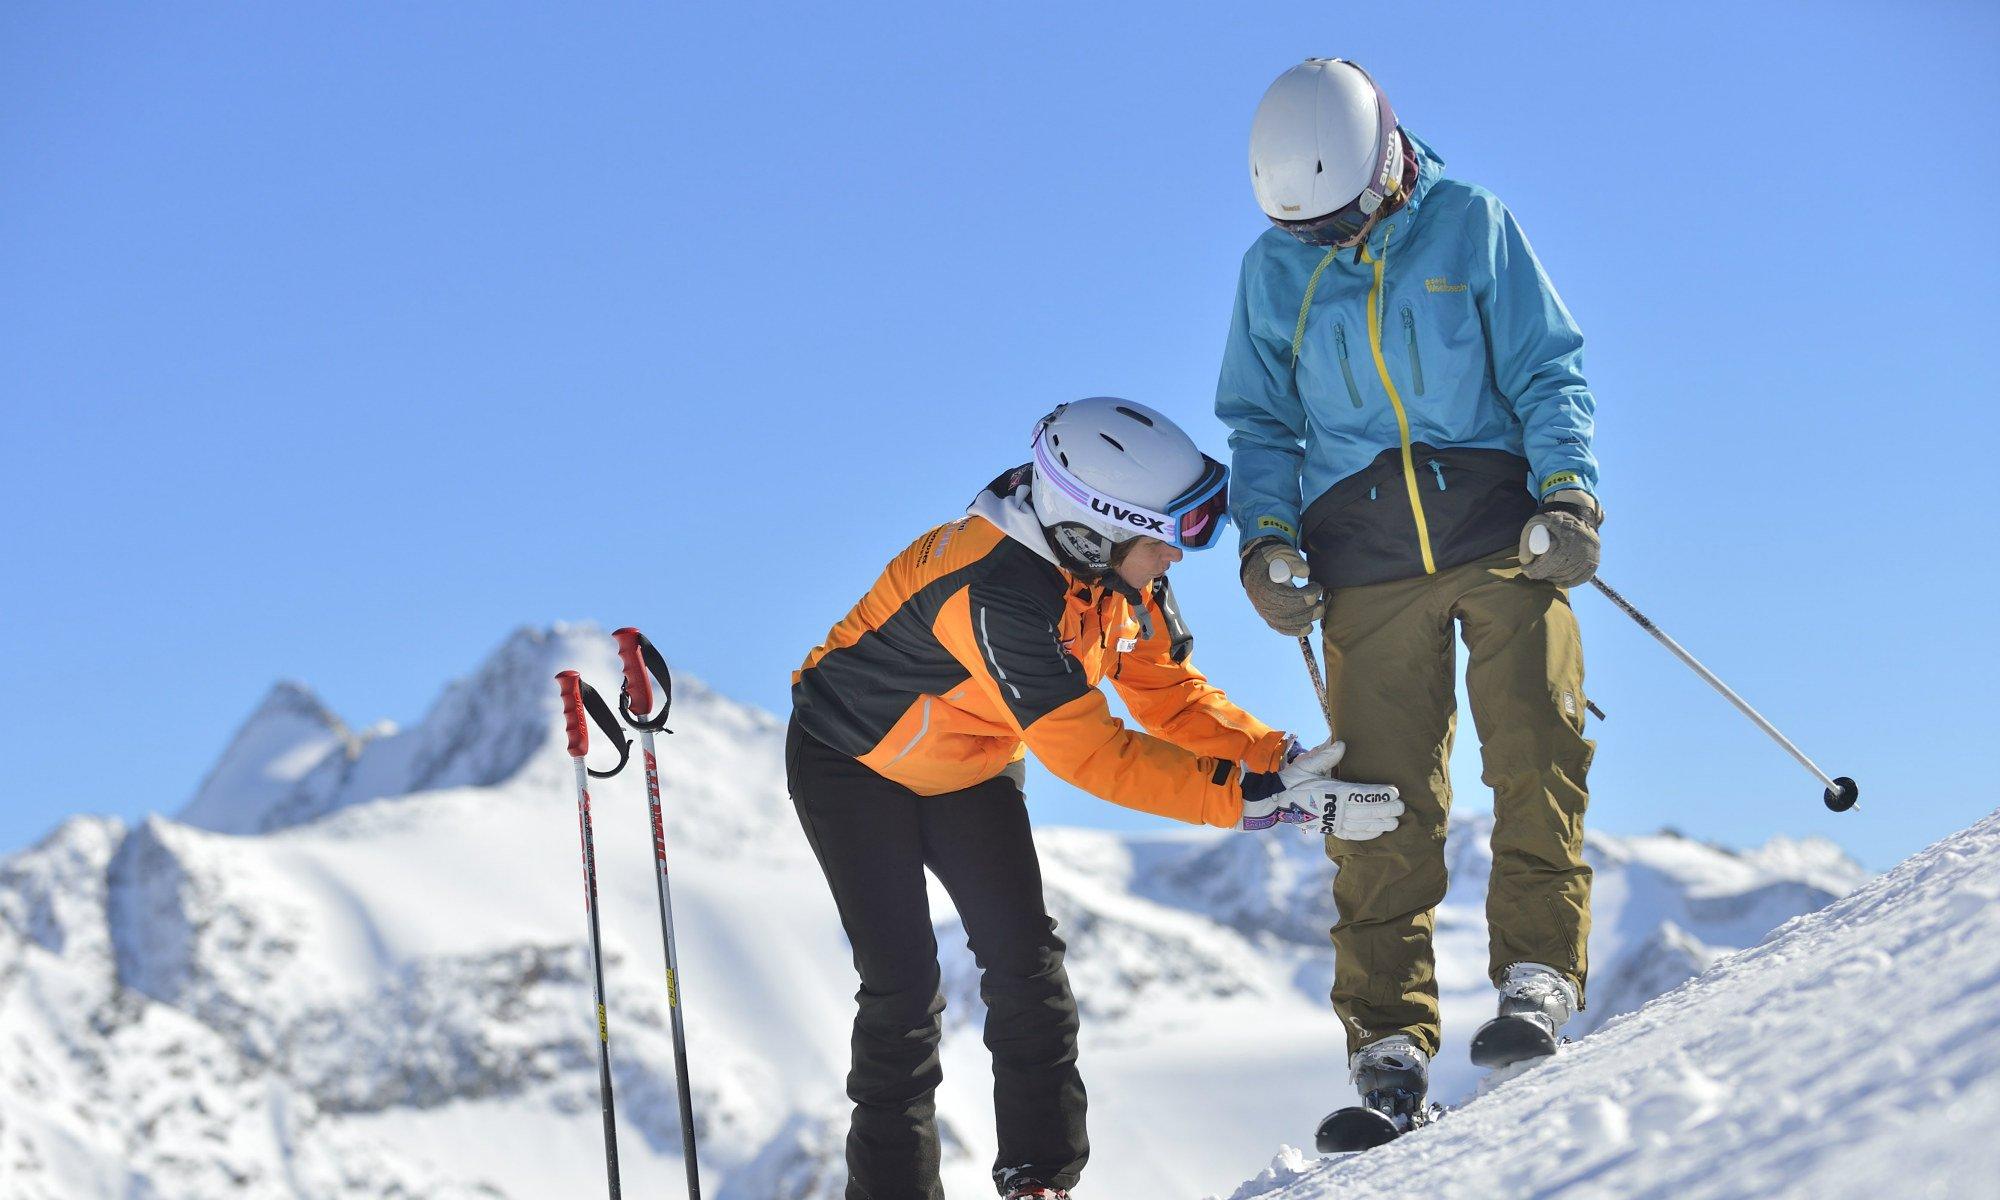 Eine Skilehrerin zeigt einem Anfänger die richtige Technik.